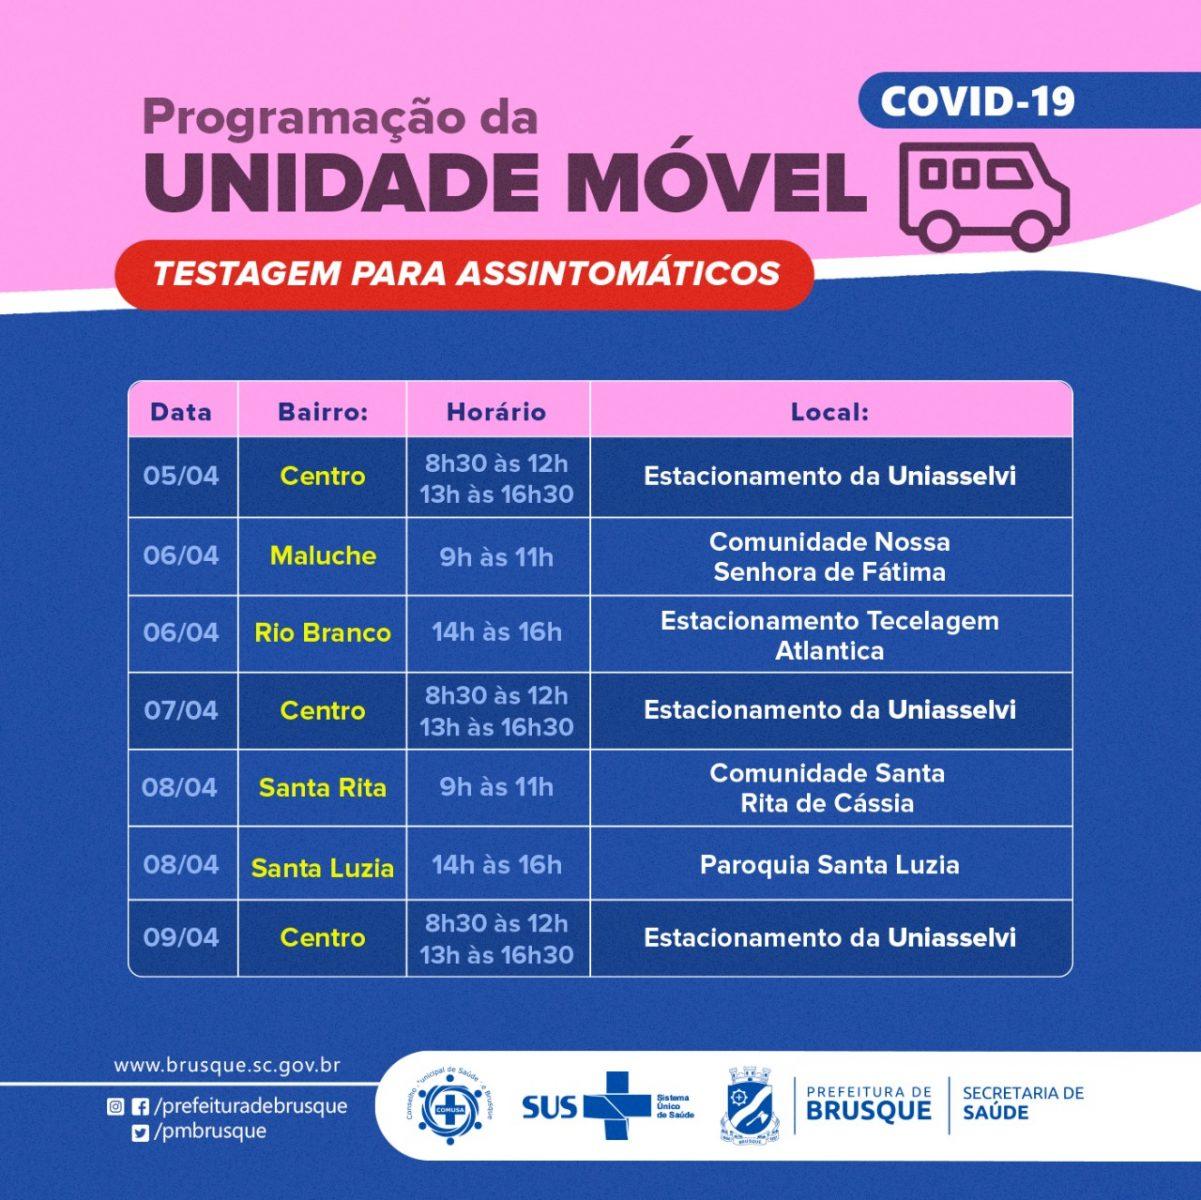 Covid-19: Confira a programação da unidade móvel para a próxima semana